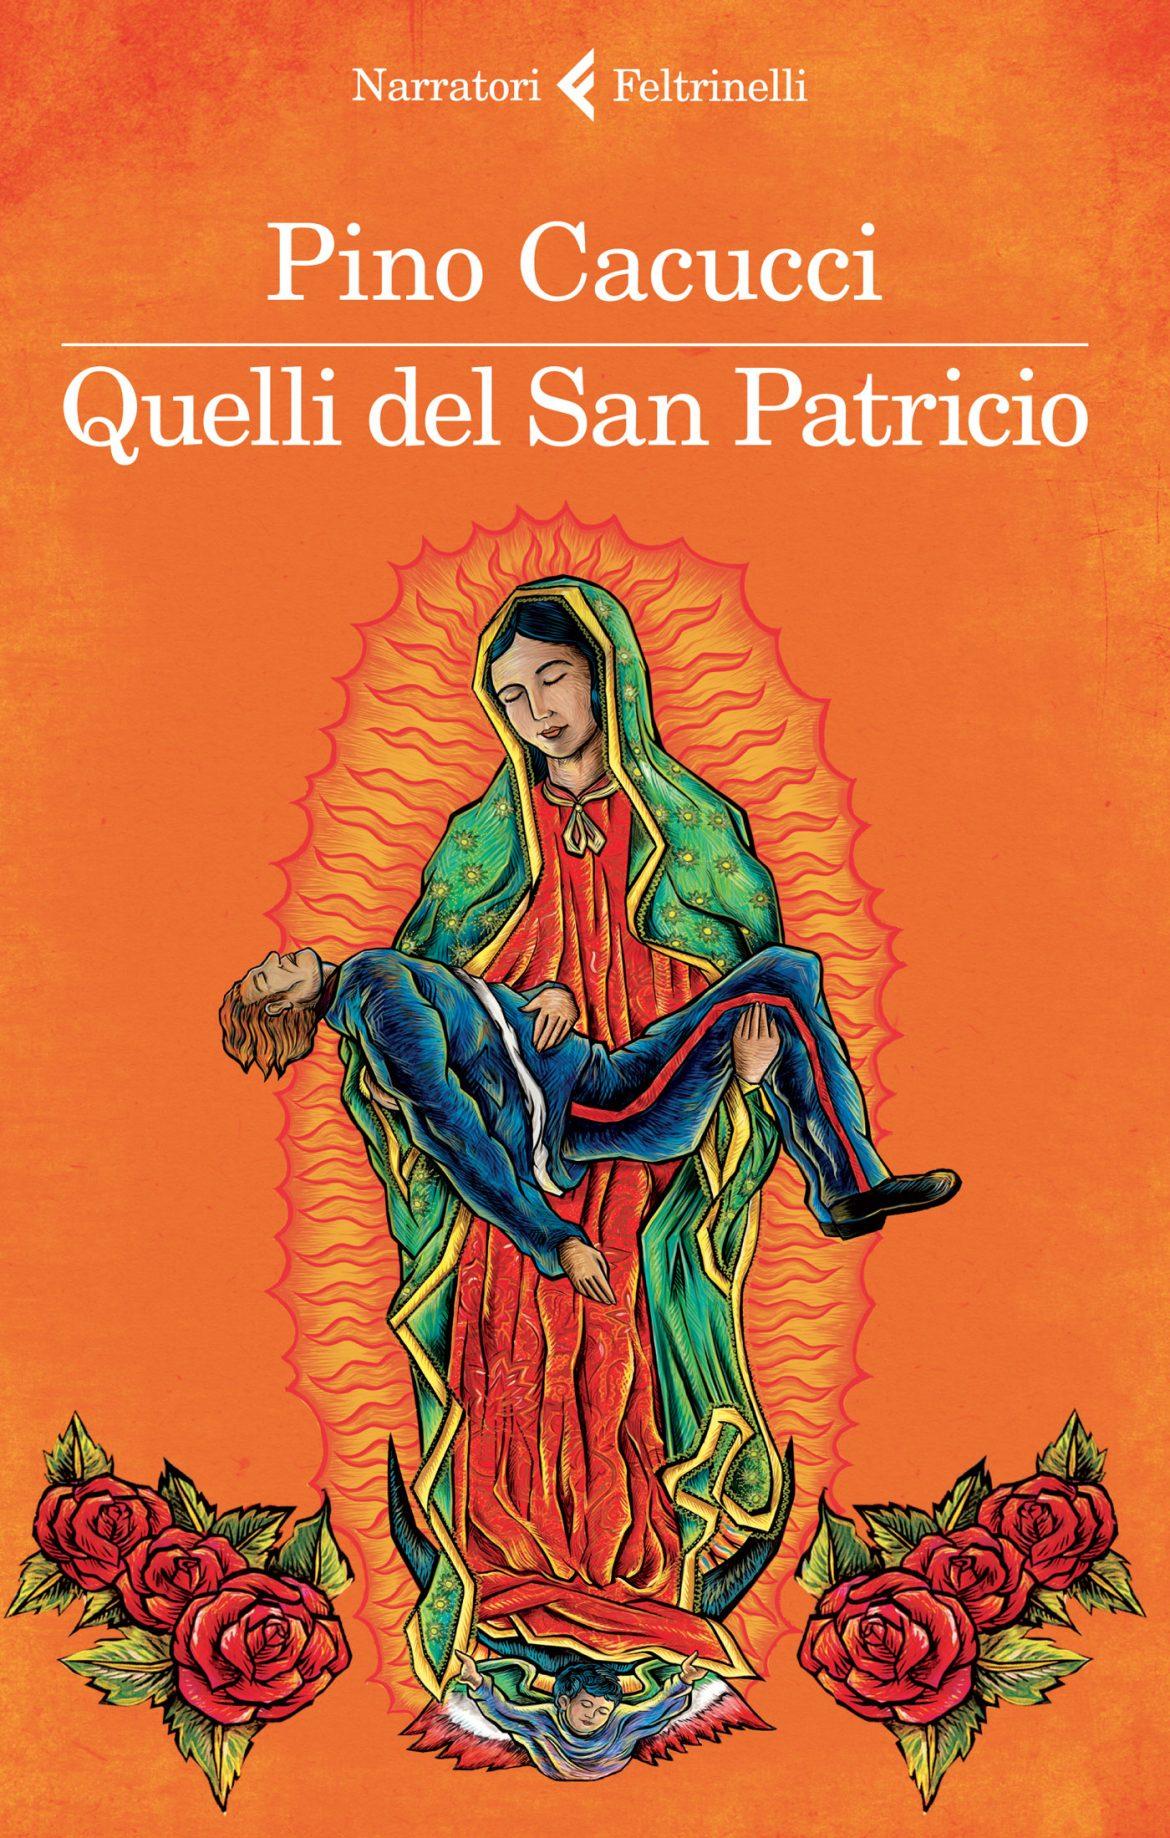 Recensione di Quelli Del San Patricio – Pino Cacucci